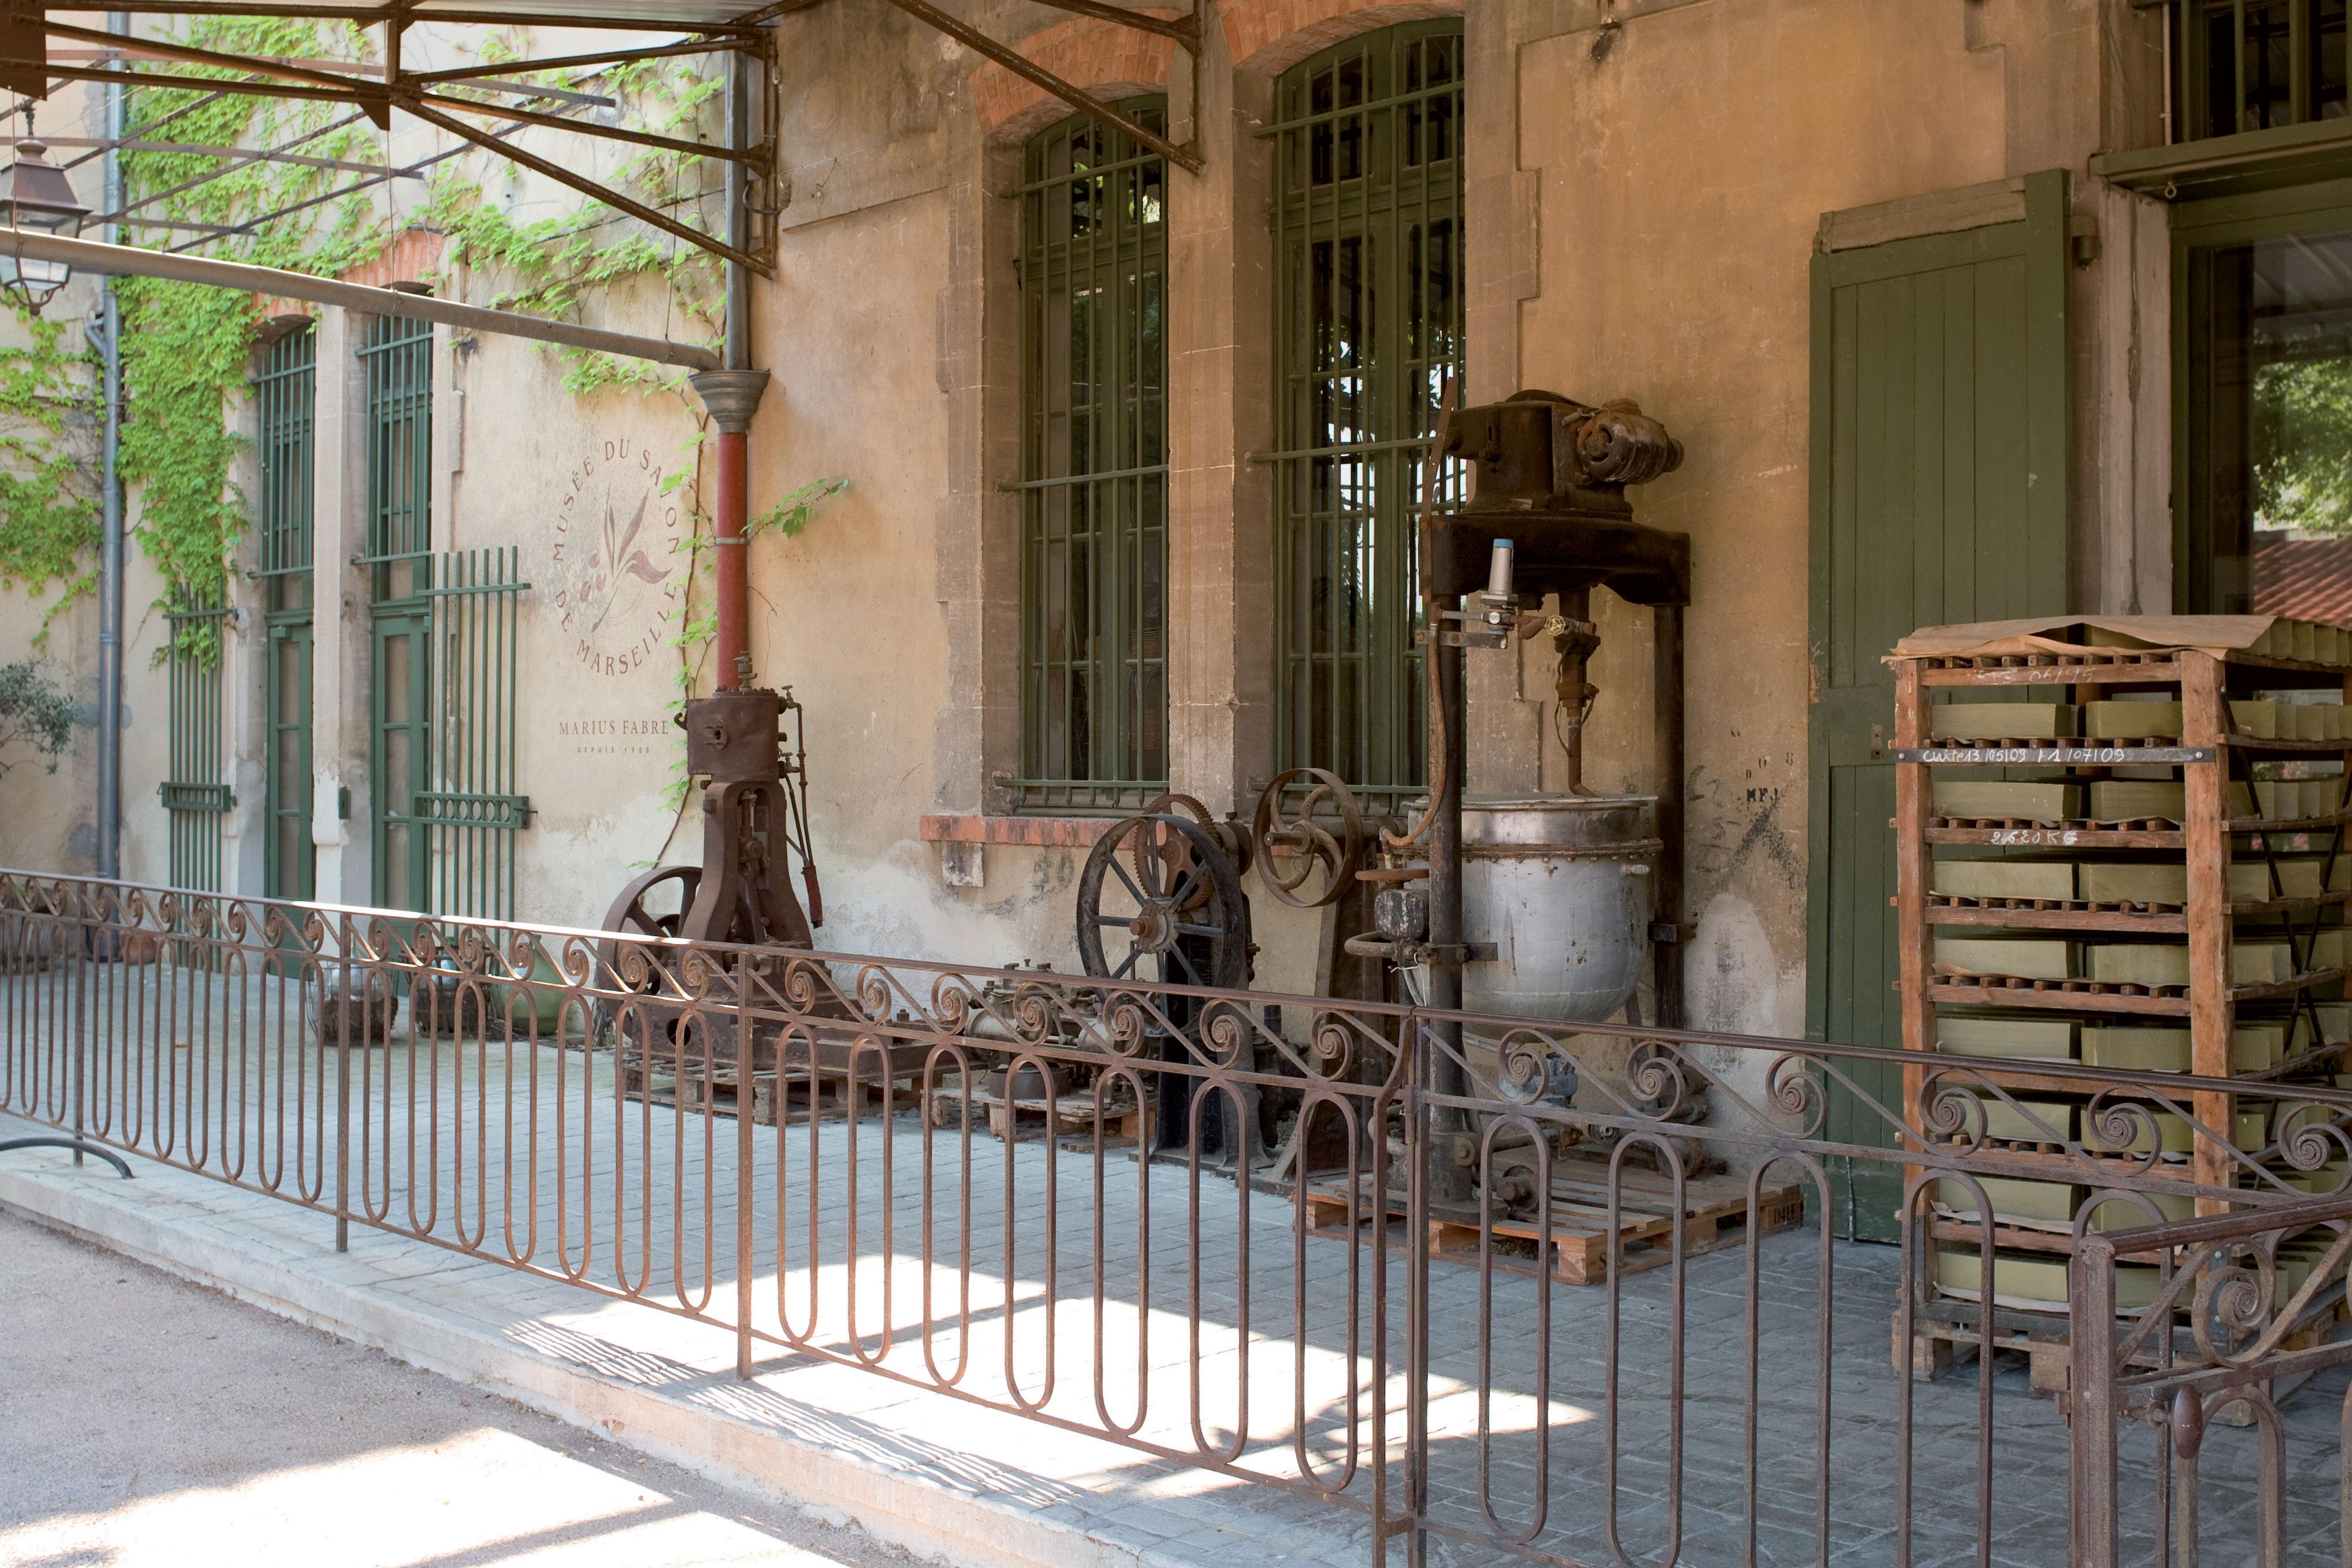 Se faire plaisir cet été en visitant le musée du savon de Marseille Marius Fabre